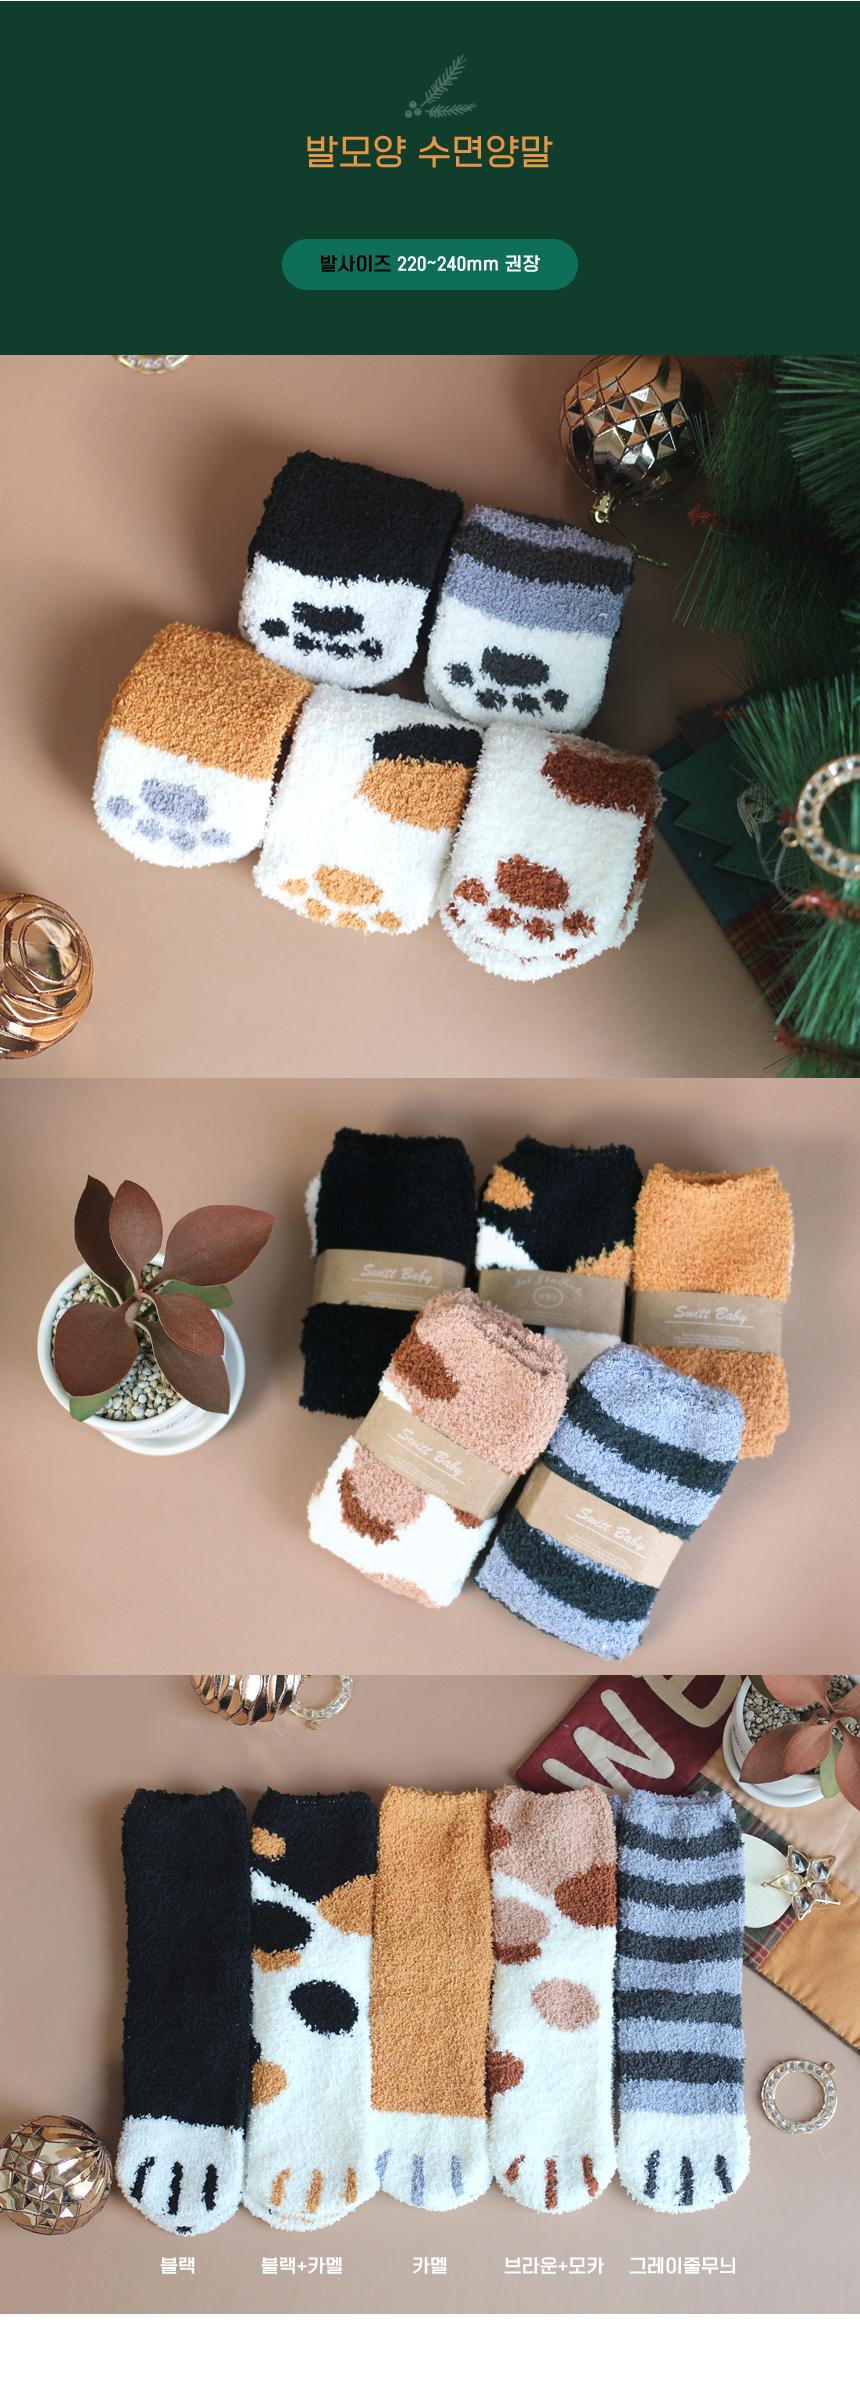 winter_socks_2_01.jpg